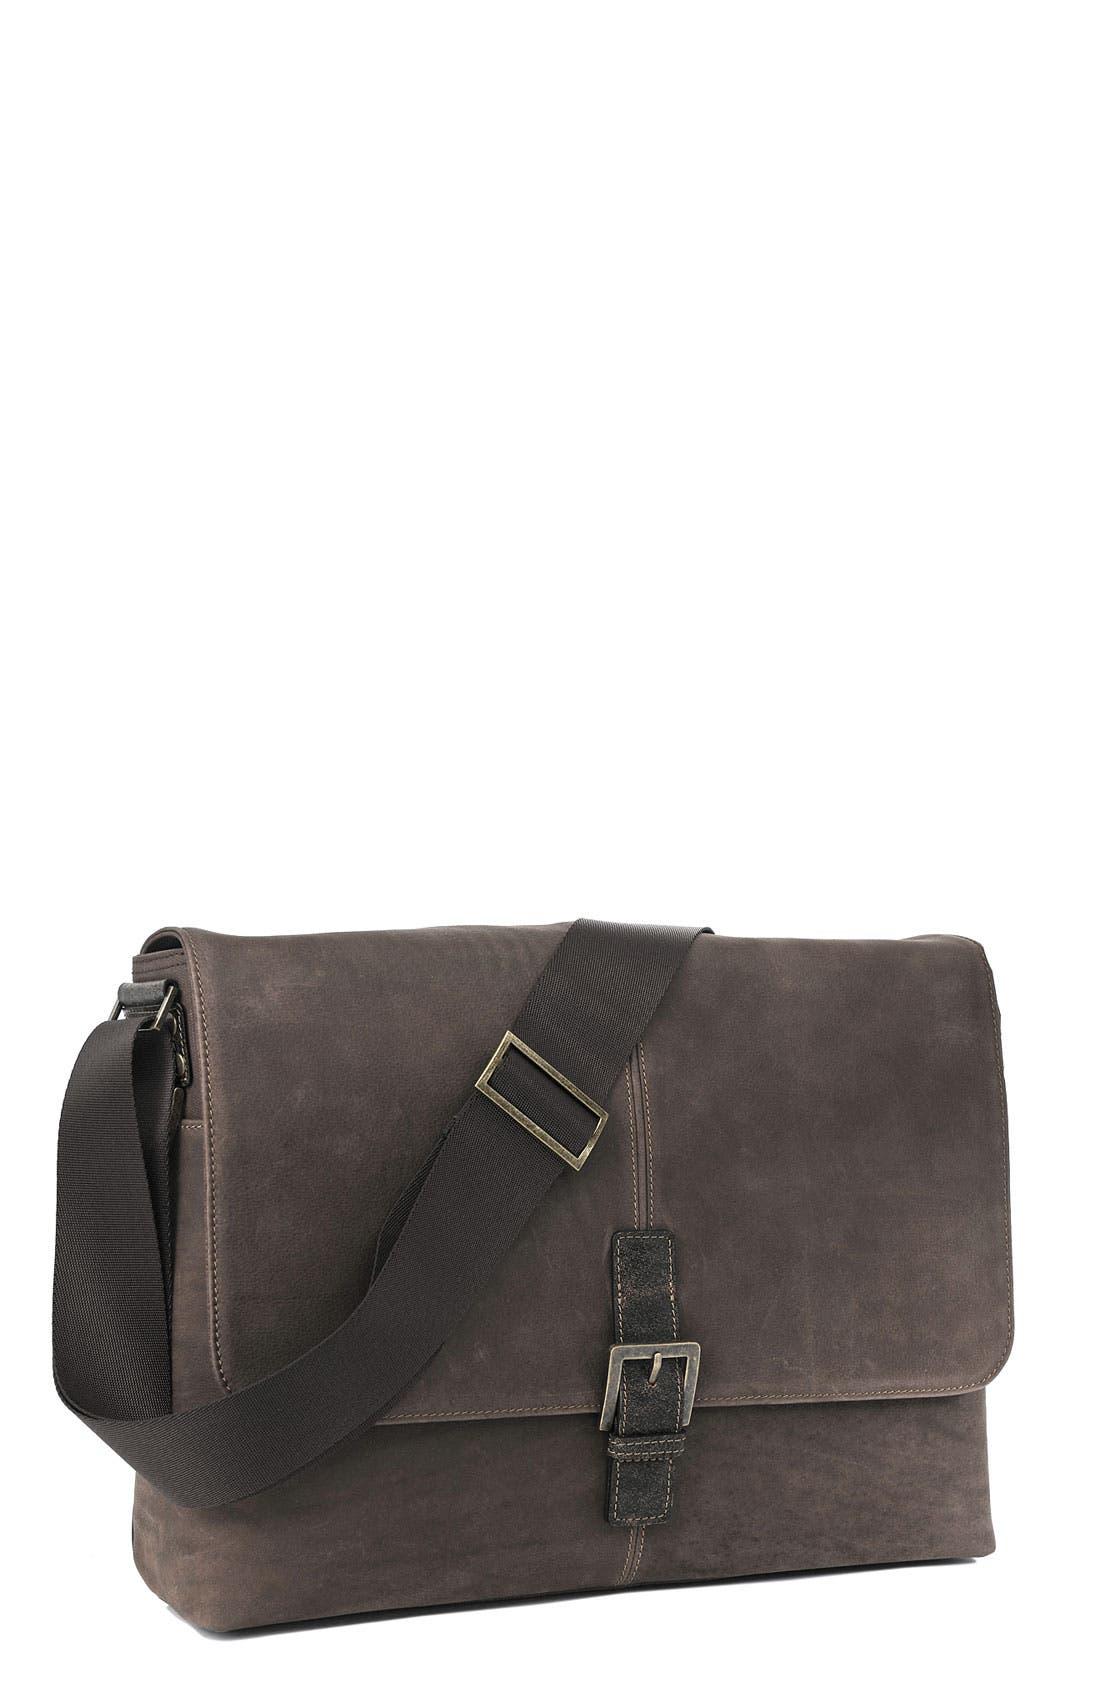 Alternate Image 1 Selected - Boconi 'Leon' Messenger Bag